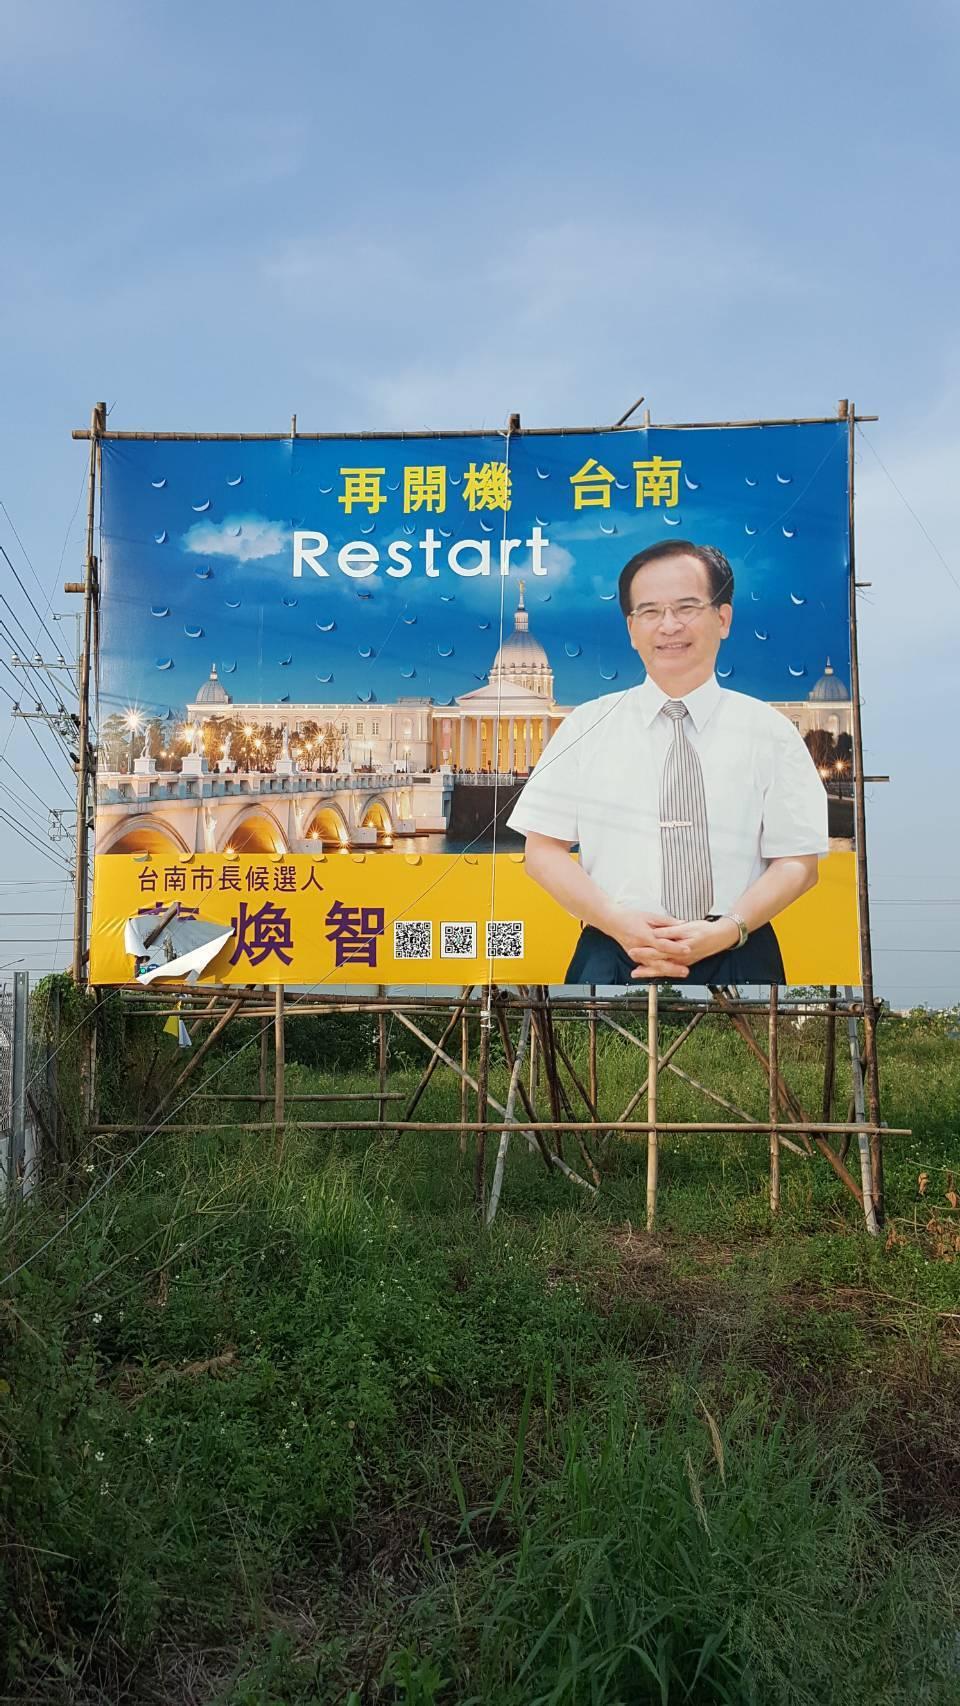 蘇煥智競選看板傳出遭破壞,競選總部譴責劣行。圖╱蘇煥智服務處提供